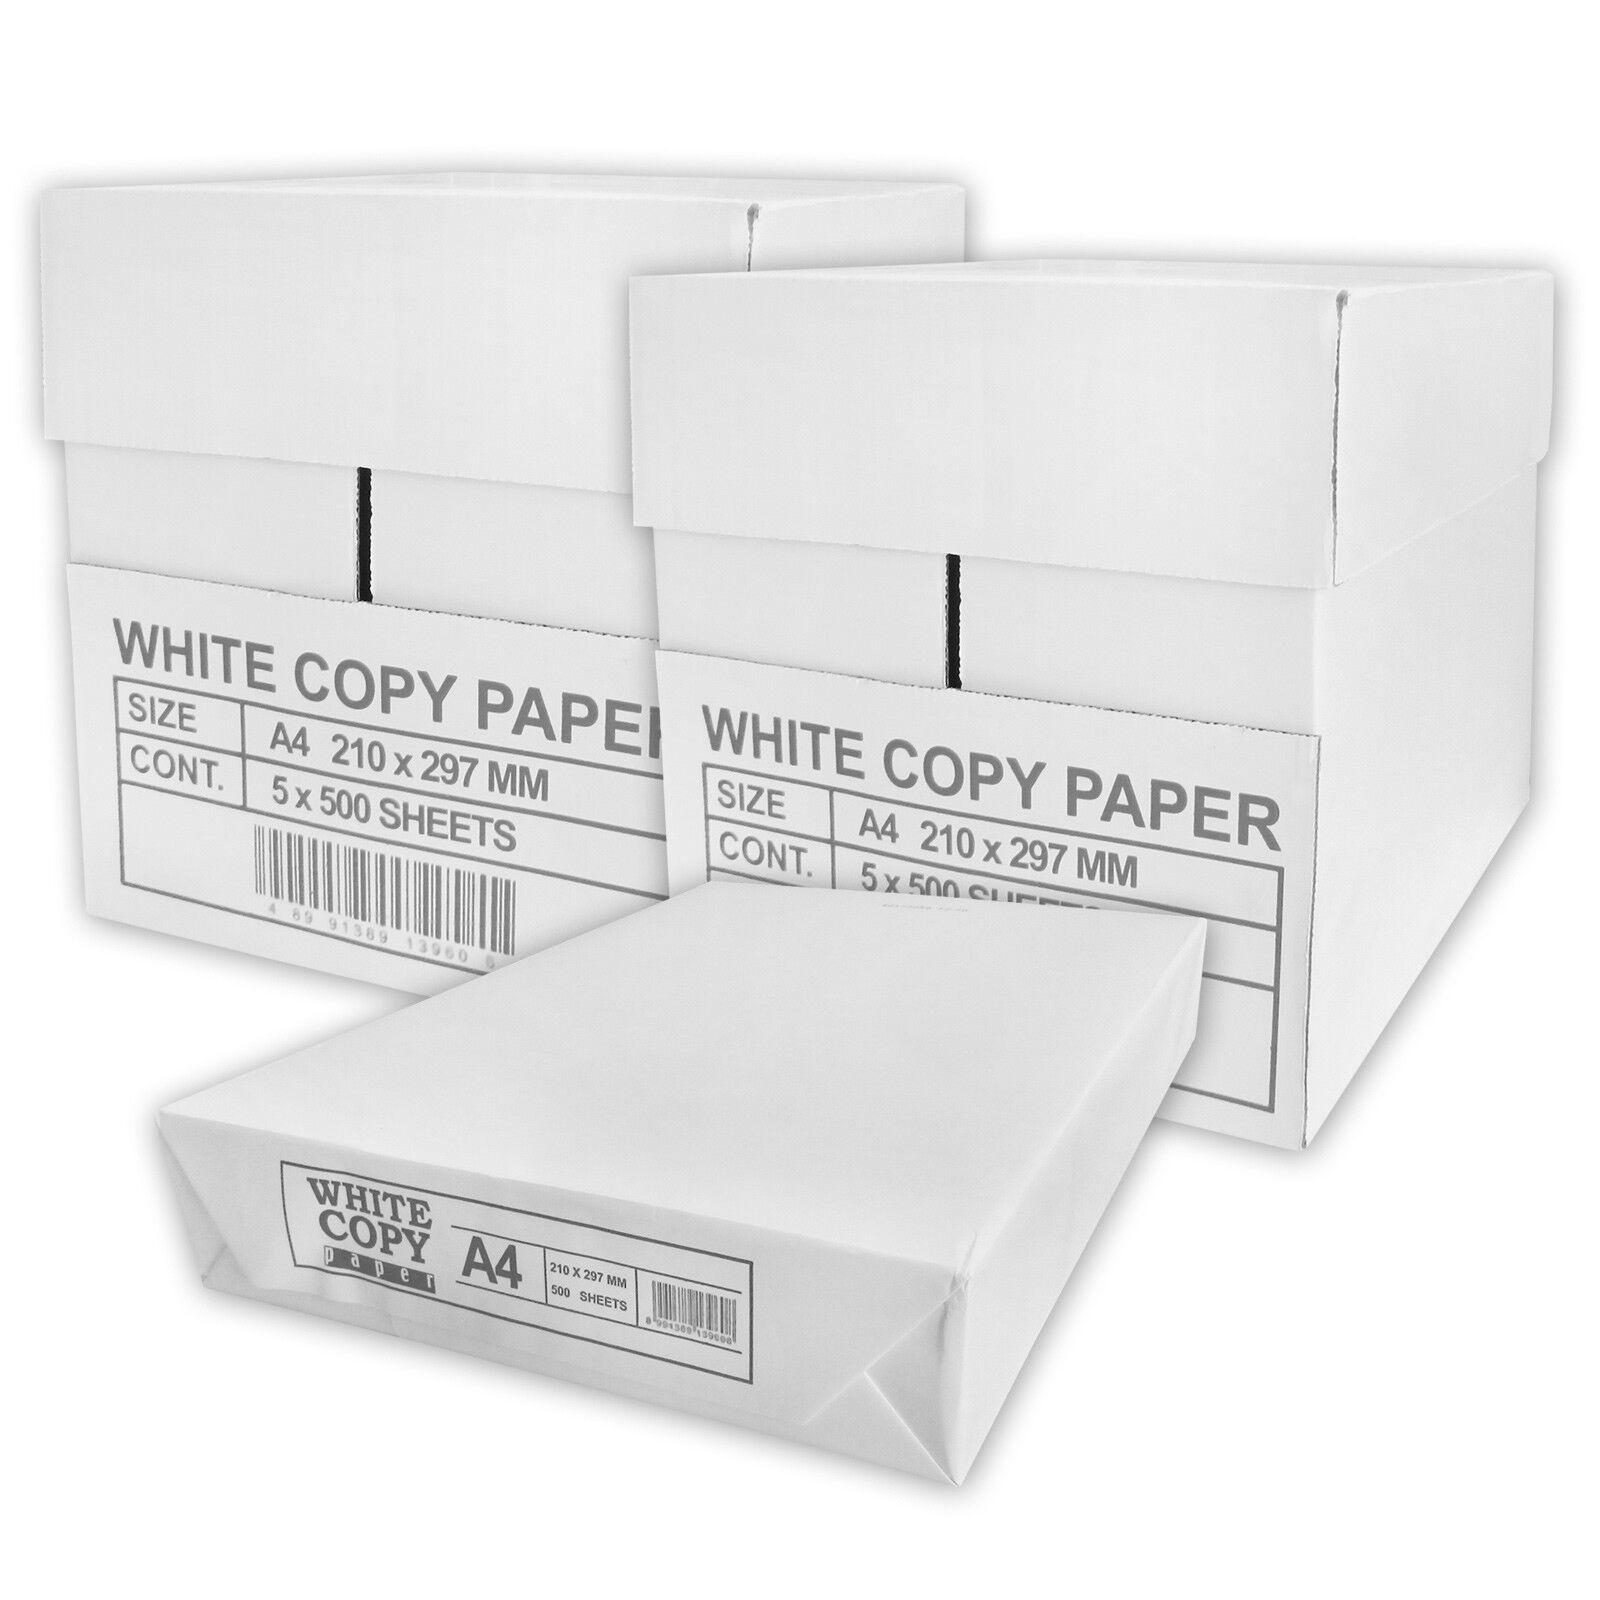 5000 Blatt Papier A4 weiß 75qm Kopierpapier Druckerpapier Laserpapier Faxpapier